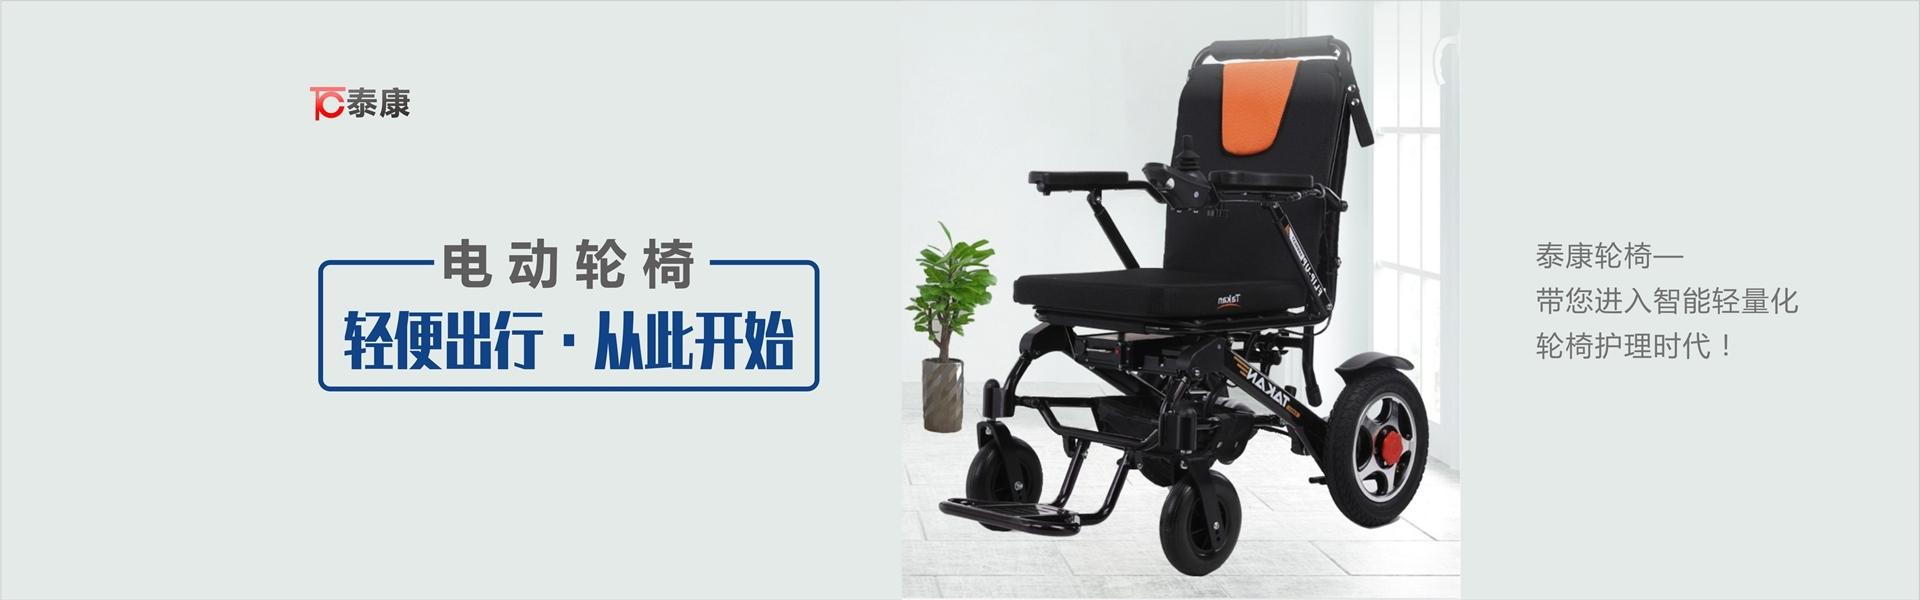 泰康电动轮椅